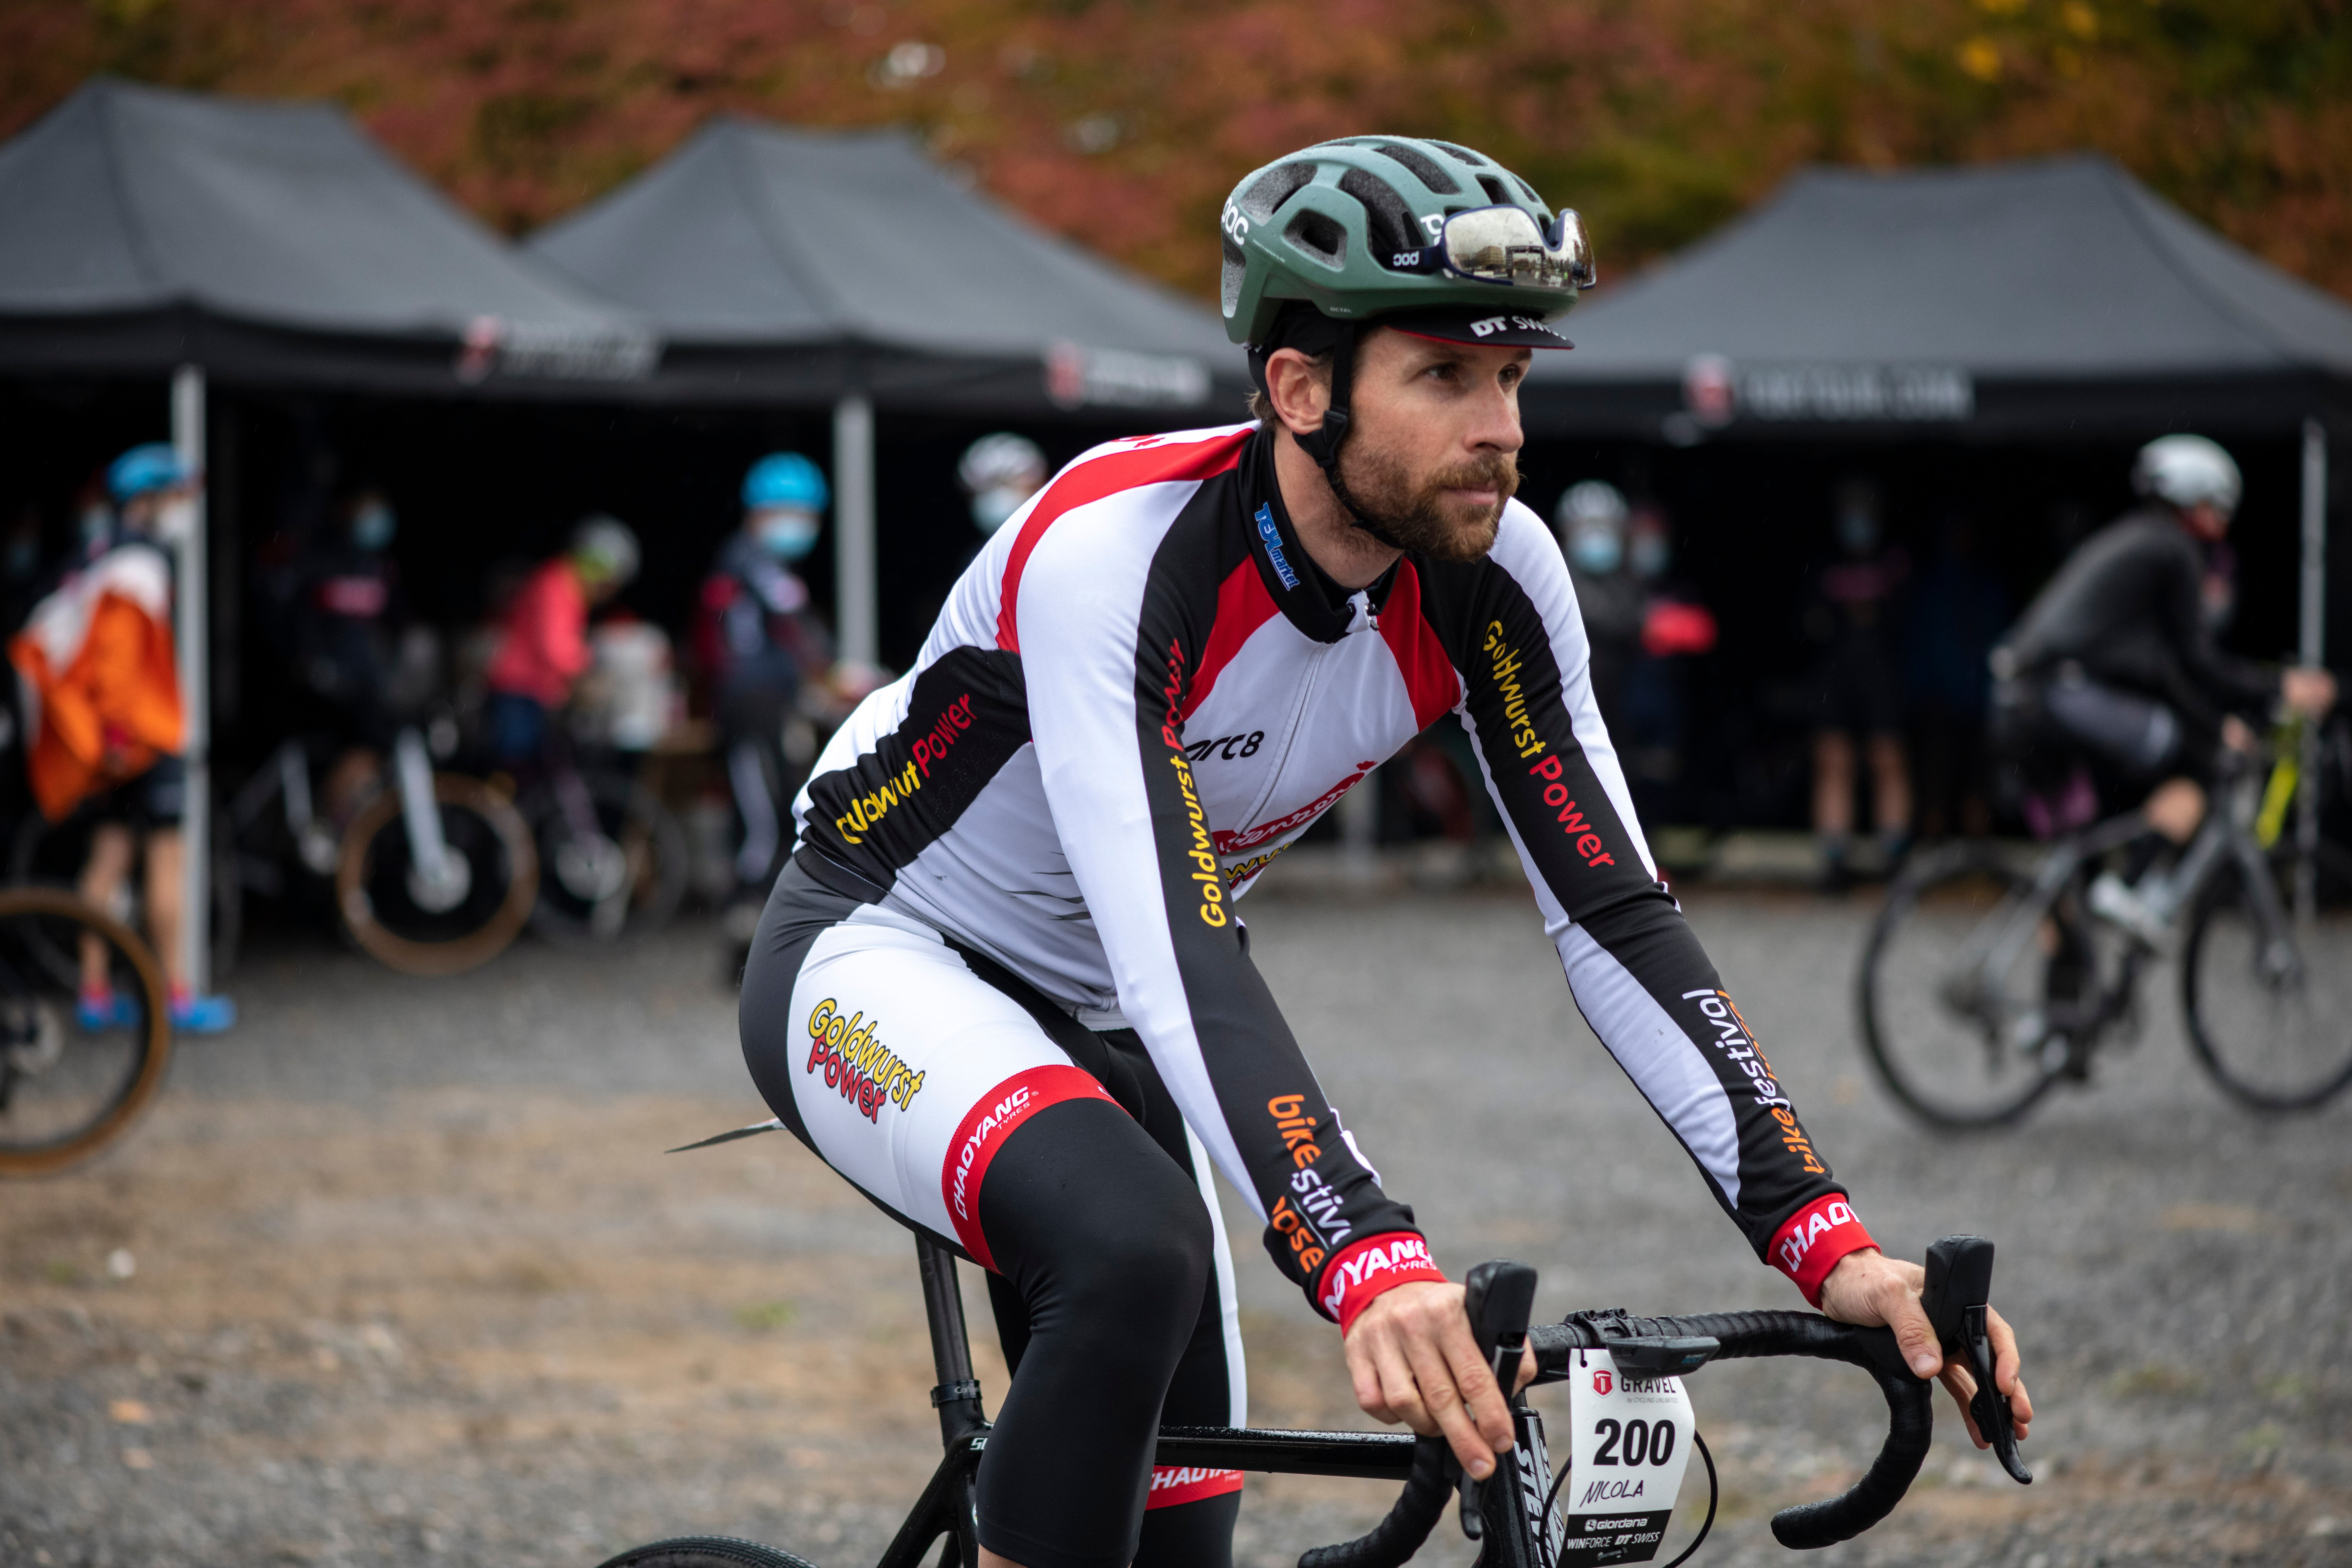 Der im zugerischen Edlibach wohnhafte Baselbieter ist seit 10 Jahren Berufsfahrer mit einer UCI-Lizenz (Union Cycliste Internationale) und verdient seinen Lebensunterhalt mit dem Rennsport.